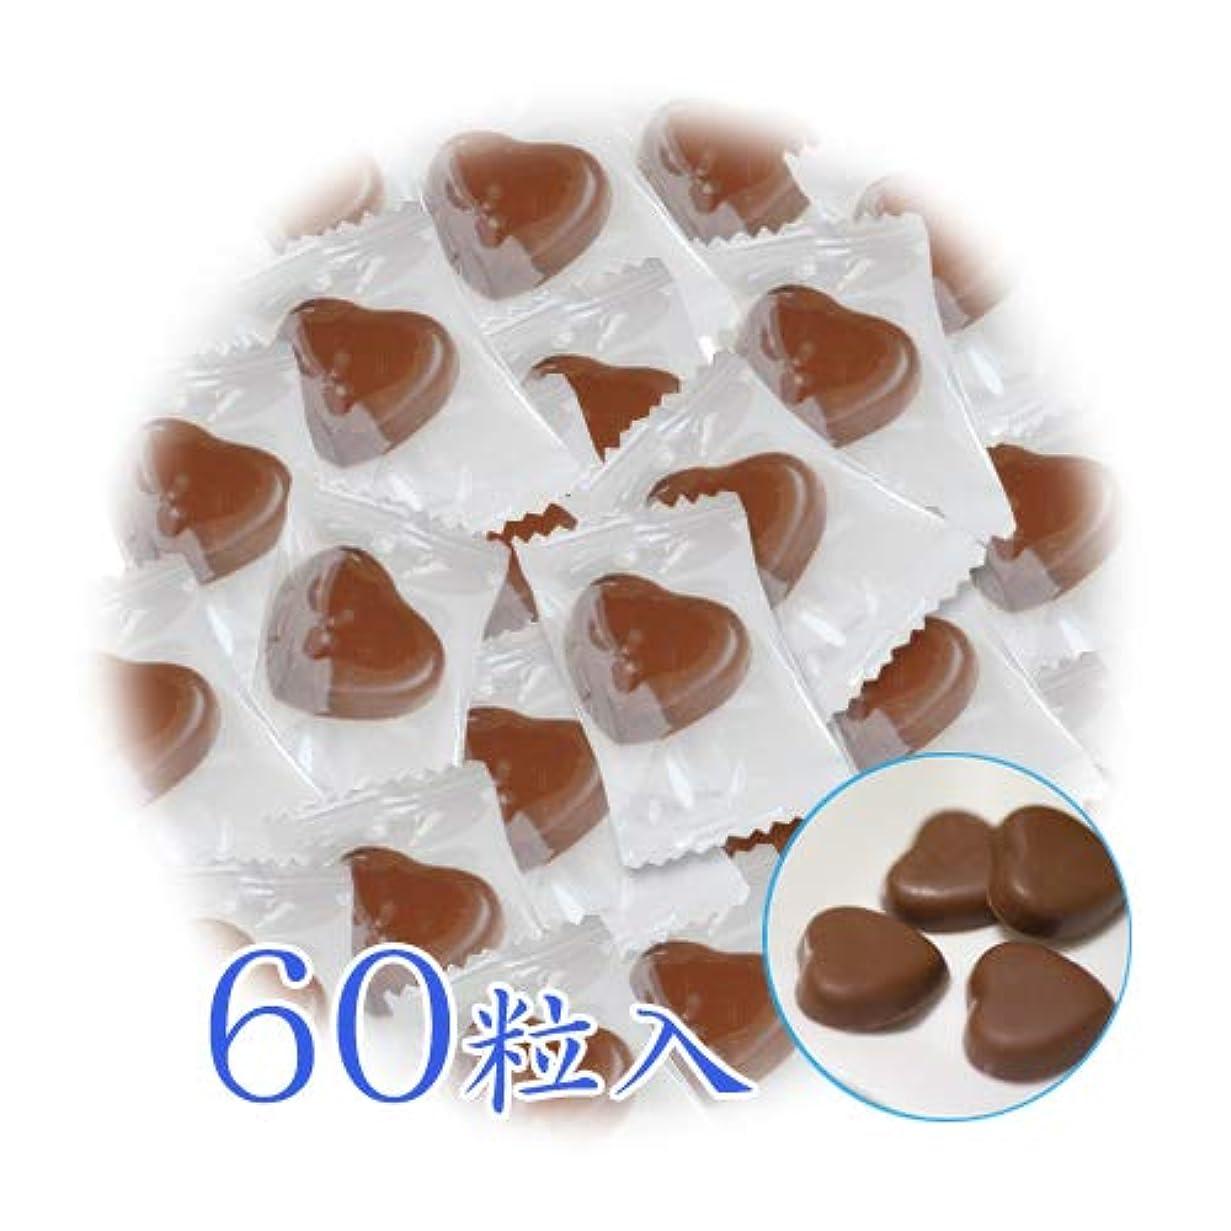 聞きますクマノミブラジャーキシリトール 100% キシリの力 チョコレート 箱なし 個包装 3g×60粒